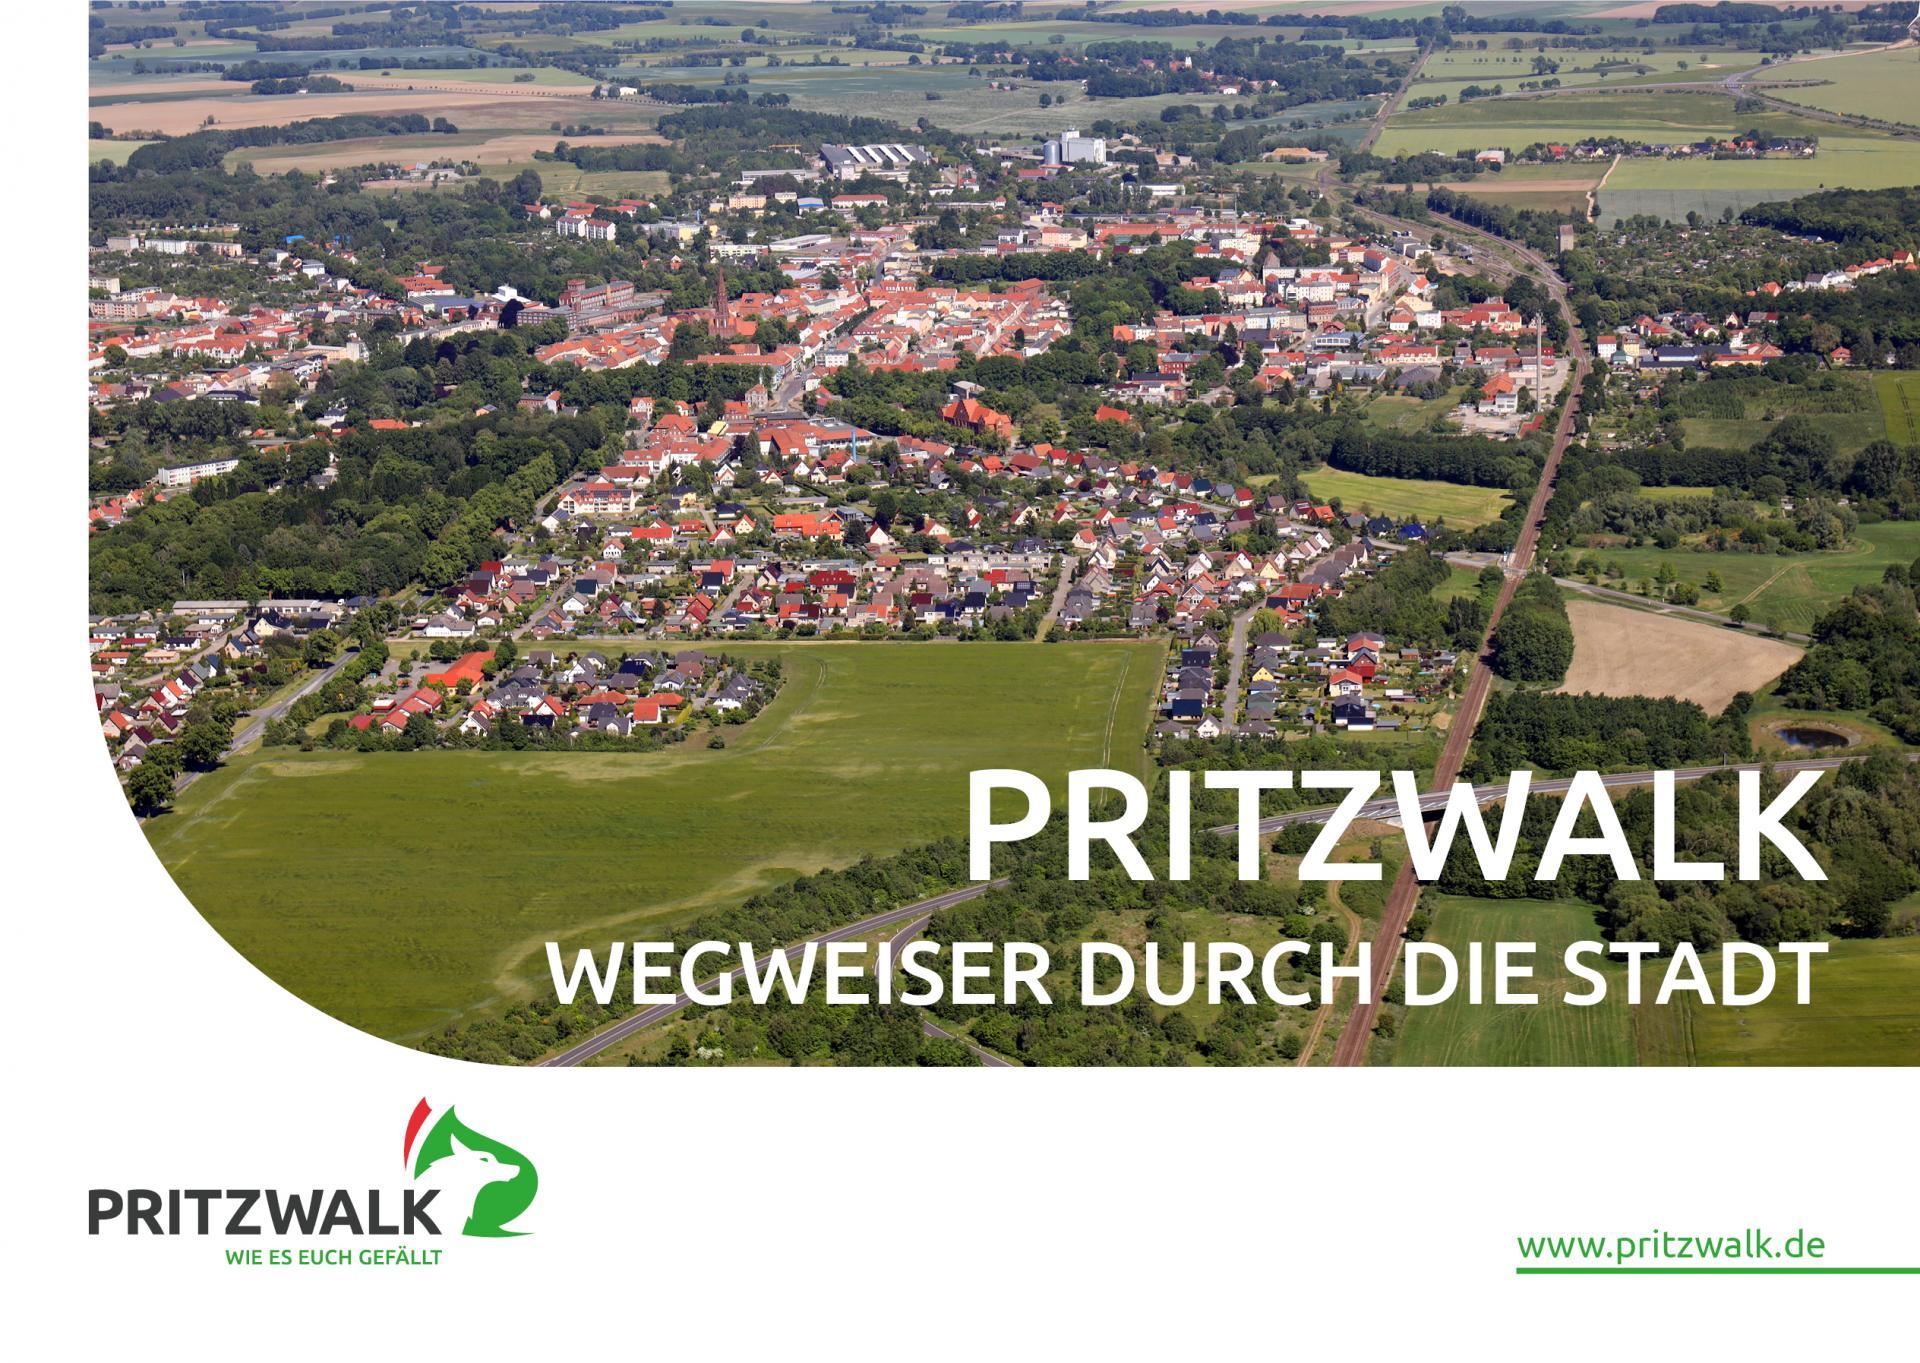 Wegweiser durch die Stadt Pritzwalk